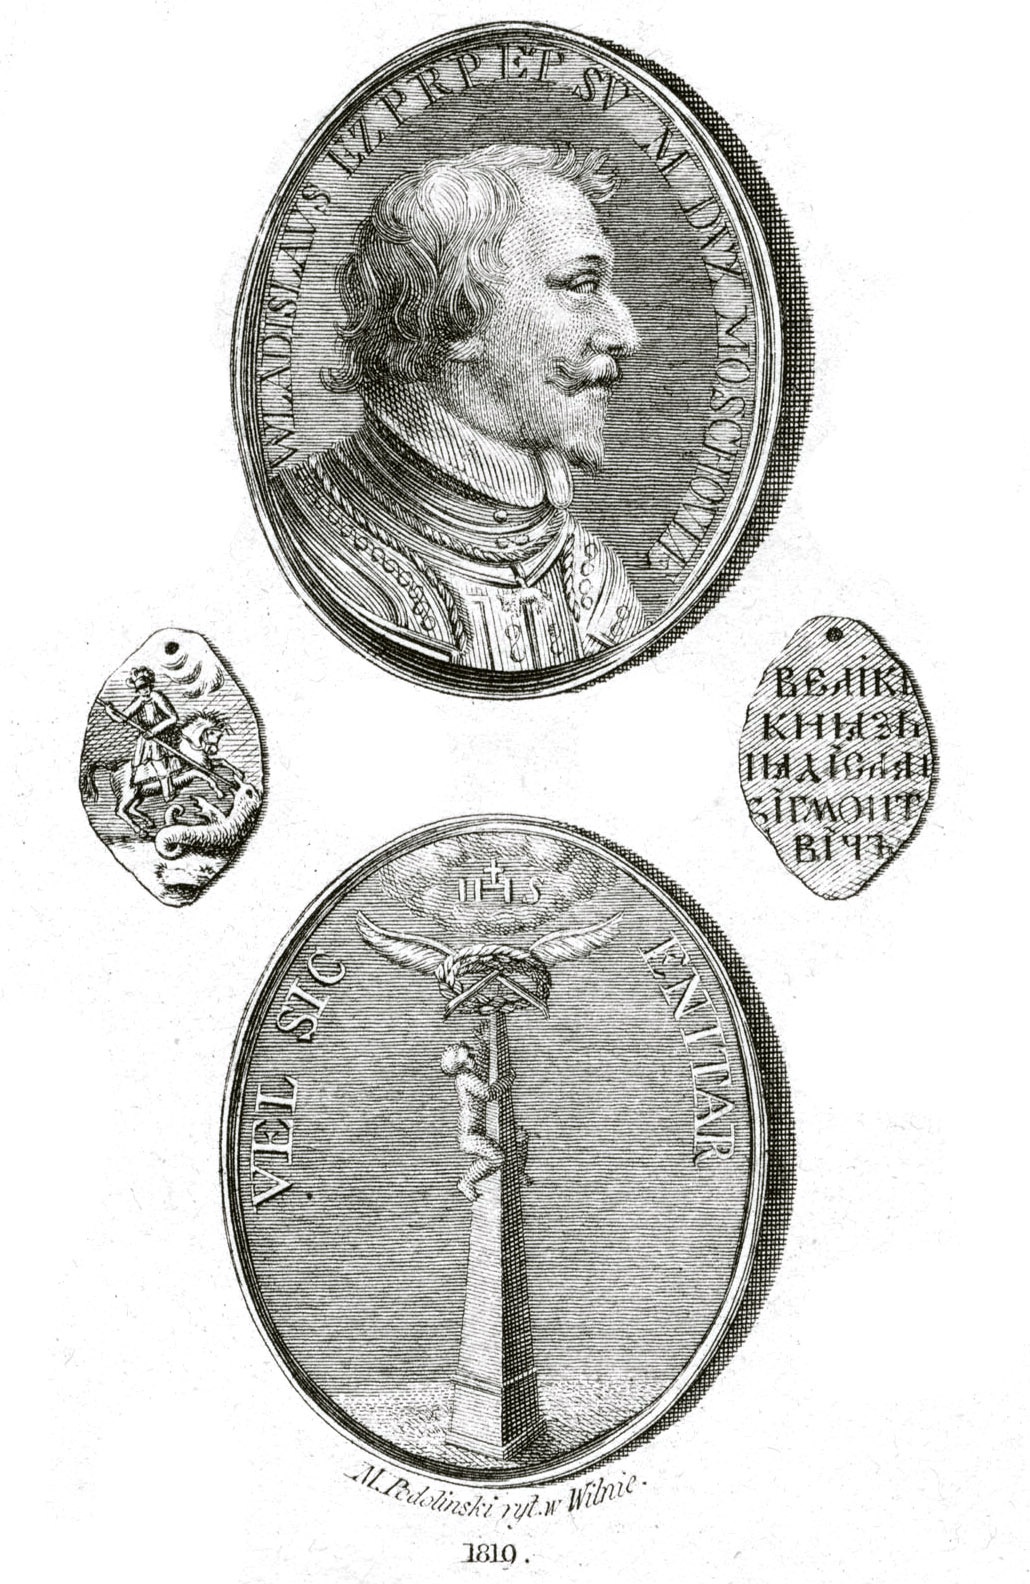 42. Медаль с профильным изображением Королевича Владислава